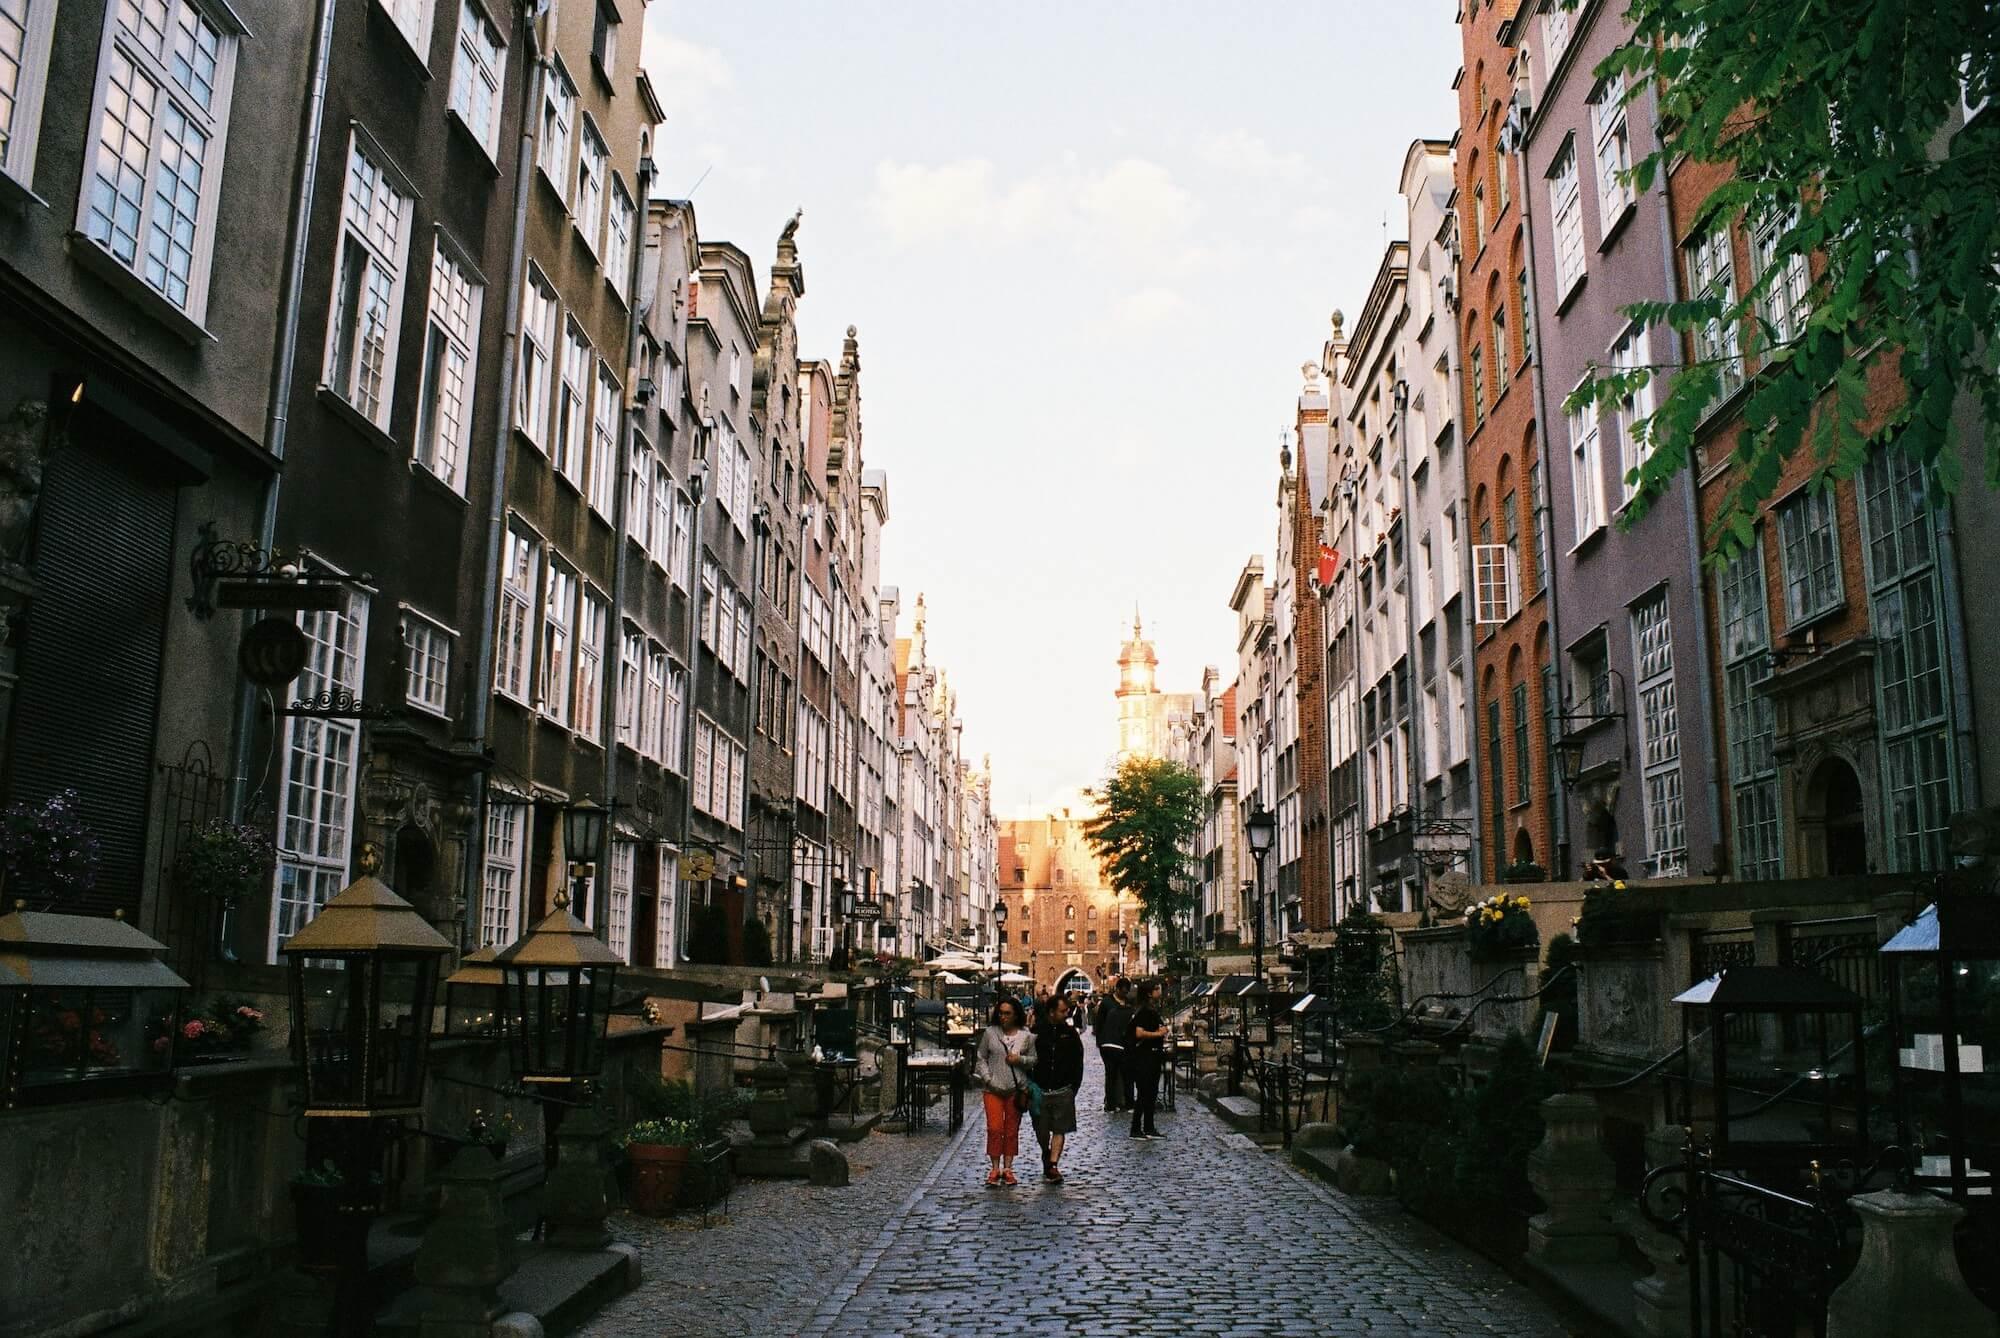 Mariacka street Gdansk